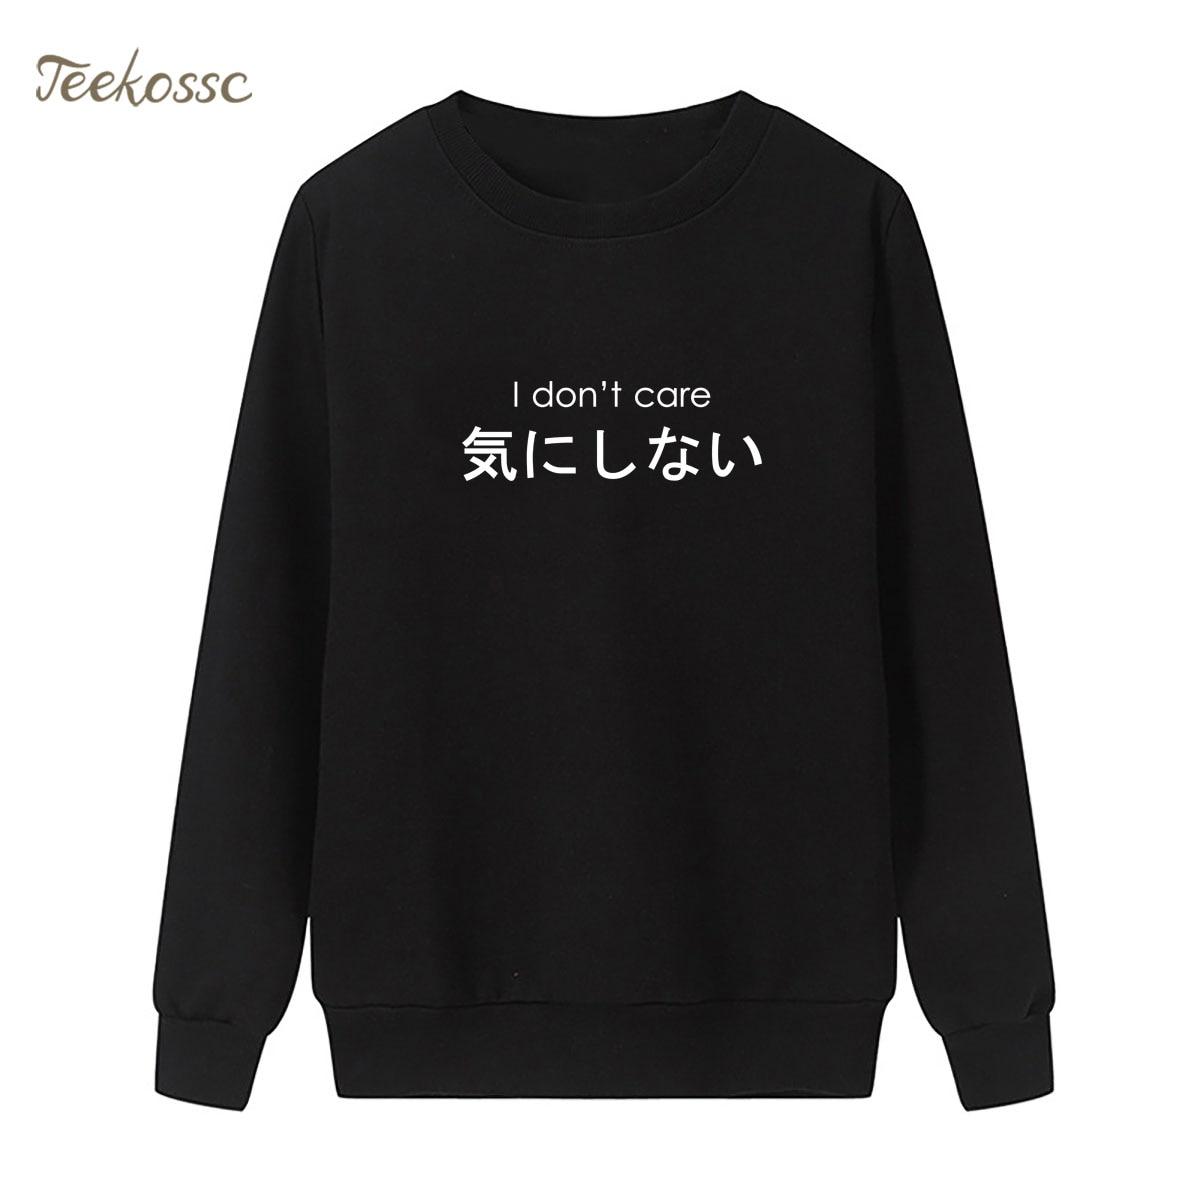 I don't care japanese Letters Print Sweatshirt Women Black White Hoodie Winter Autumn Women Lasdies Pullover Fleece Streeetwear